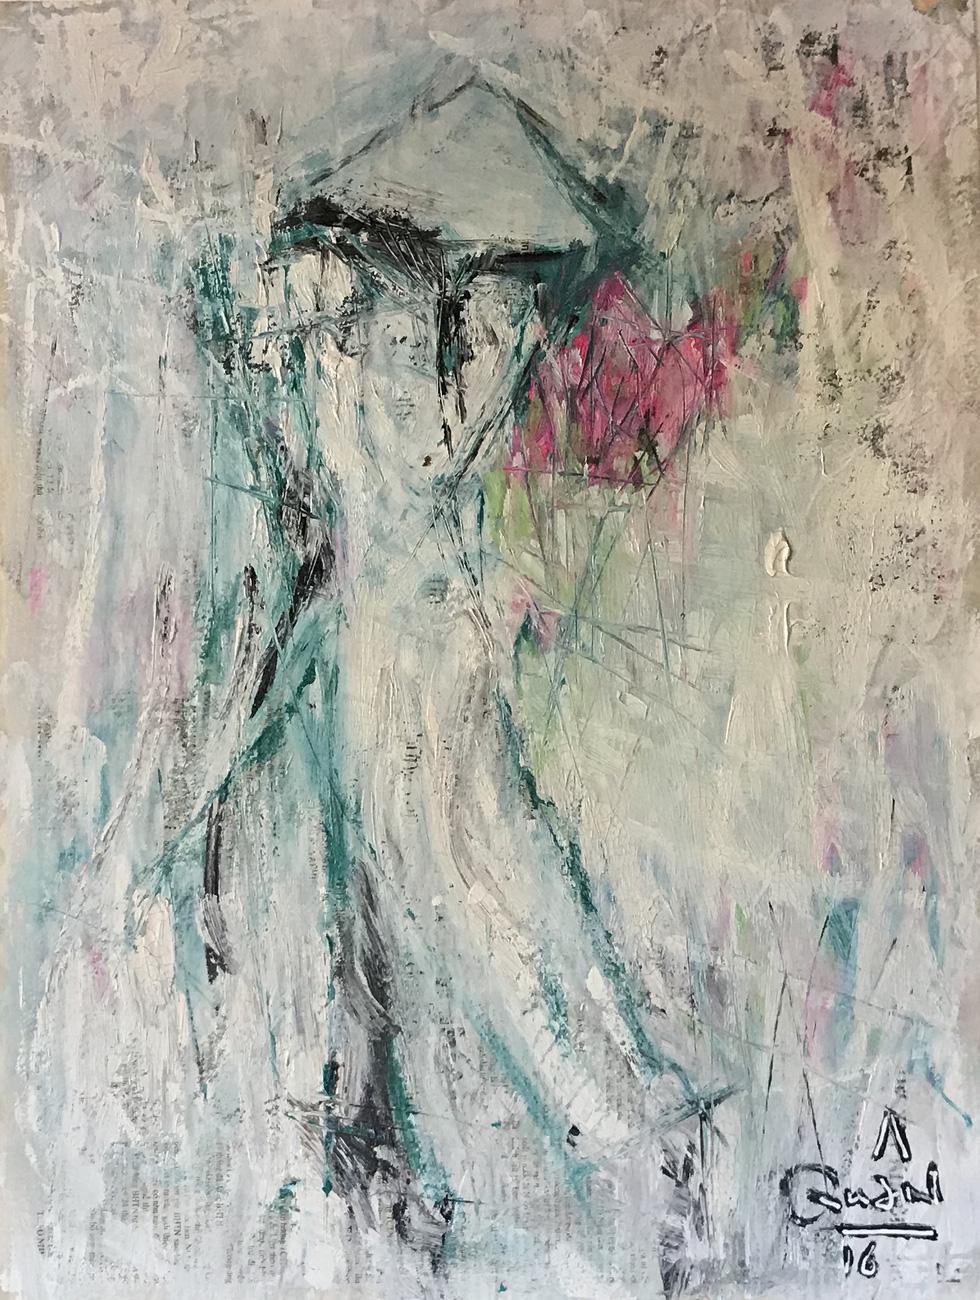 Xem tranh, ảnh đẹp như thơ trong triển lãm Chuyện áo dài - Ảnh 15.